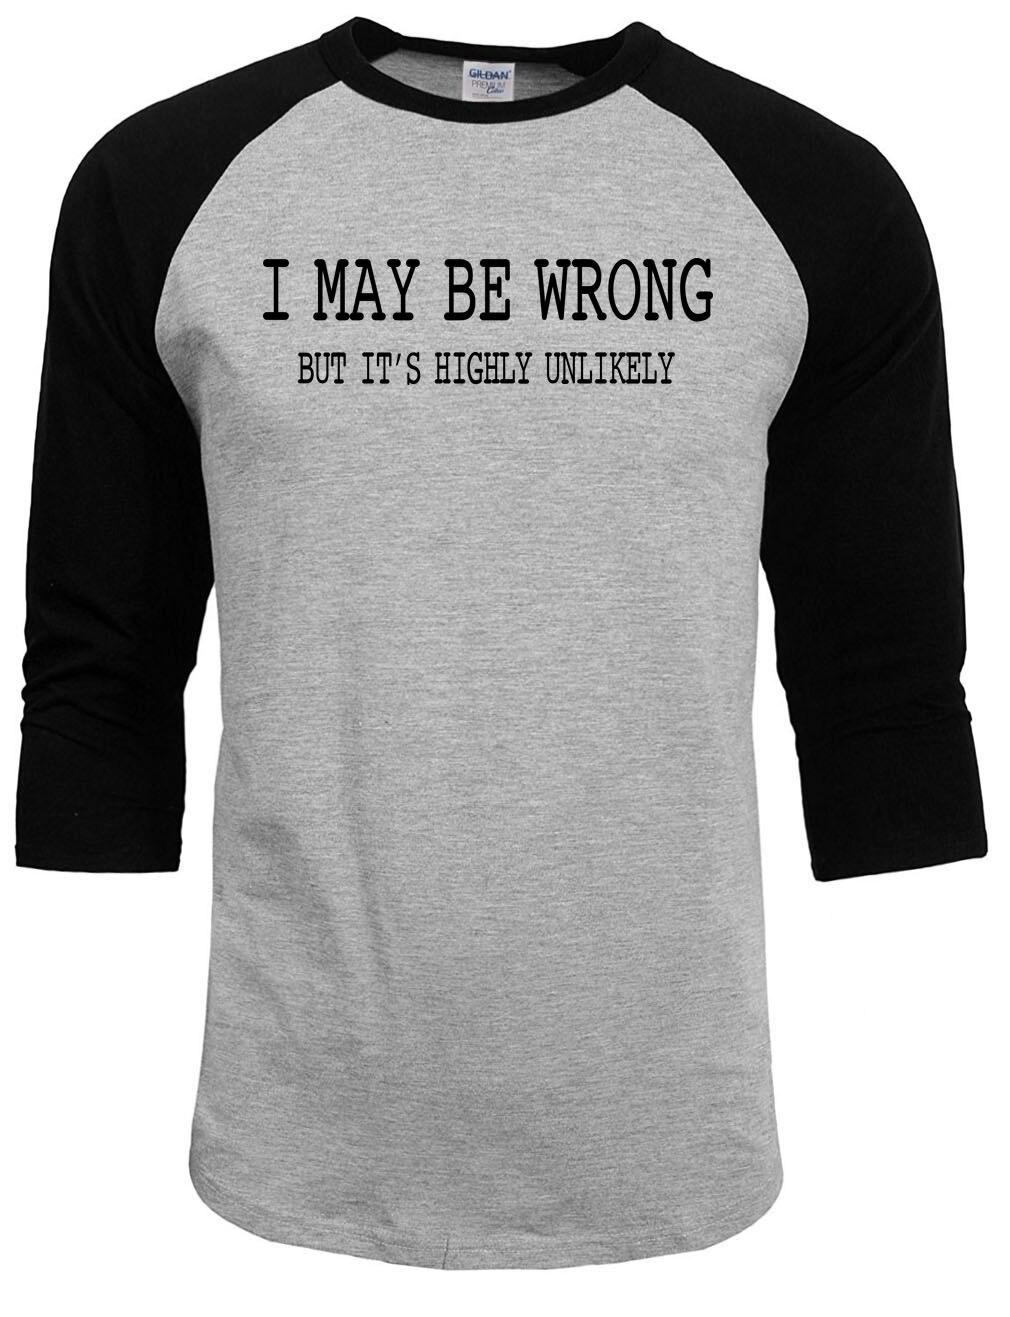 Full Size of Lustige Sprüche T Shirt Herren Lustige T Shirt Sprüche Sport Lustige Tshirt Sprüche Hochzeit T Shirt Bedrucken Lustige Sprüche Küche T Shirt Lustige Sprüche